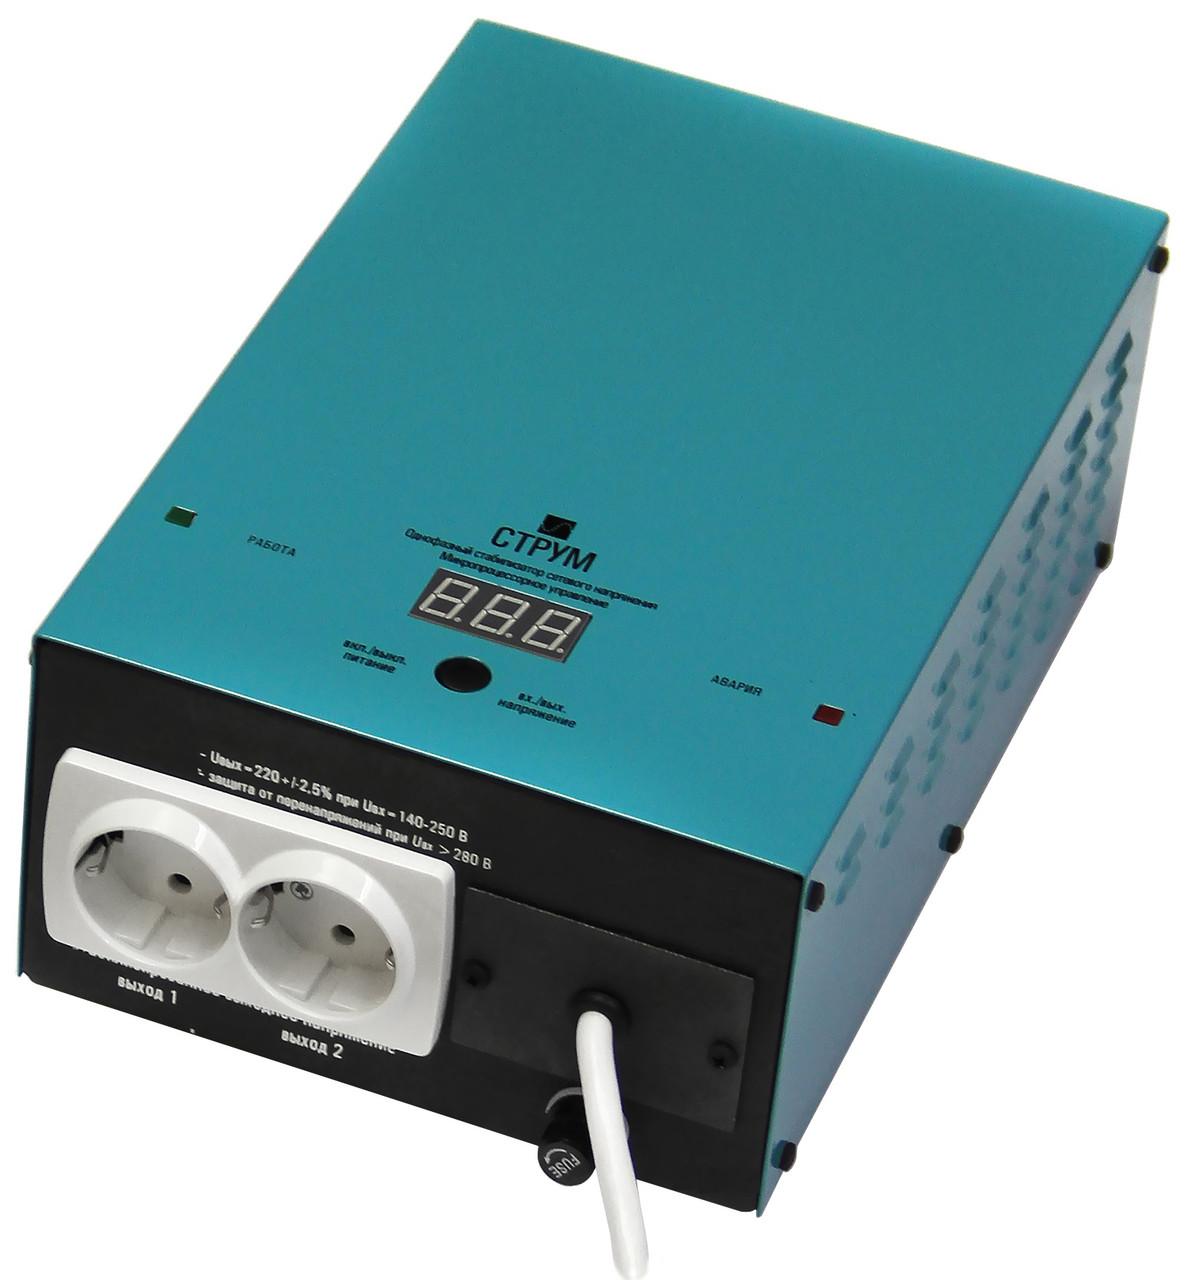 Стабилизатор напряжения Струм СтР-2500 (2,5кВт) для Котла, холодильника, двигателей